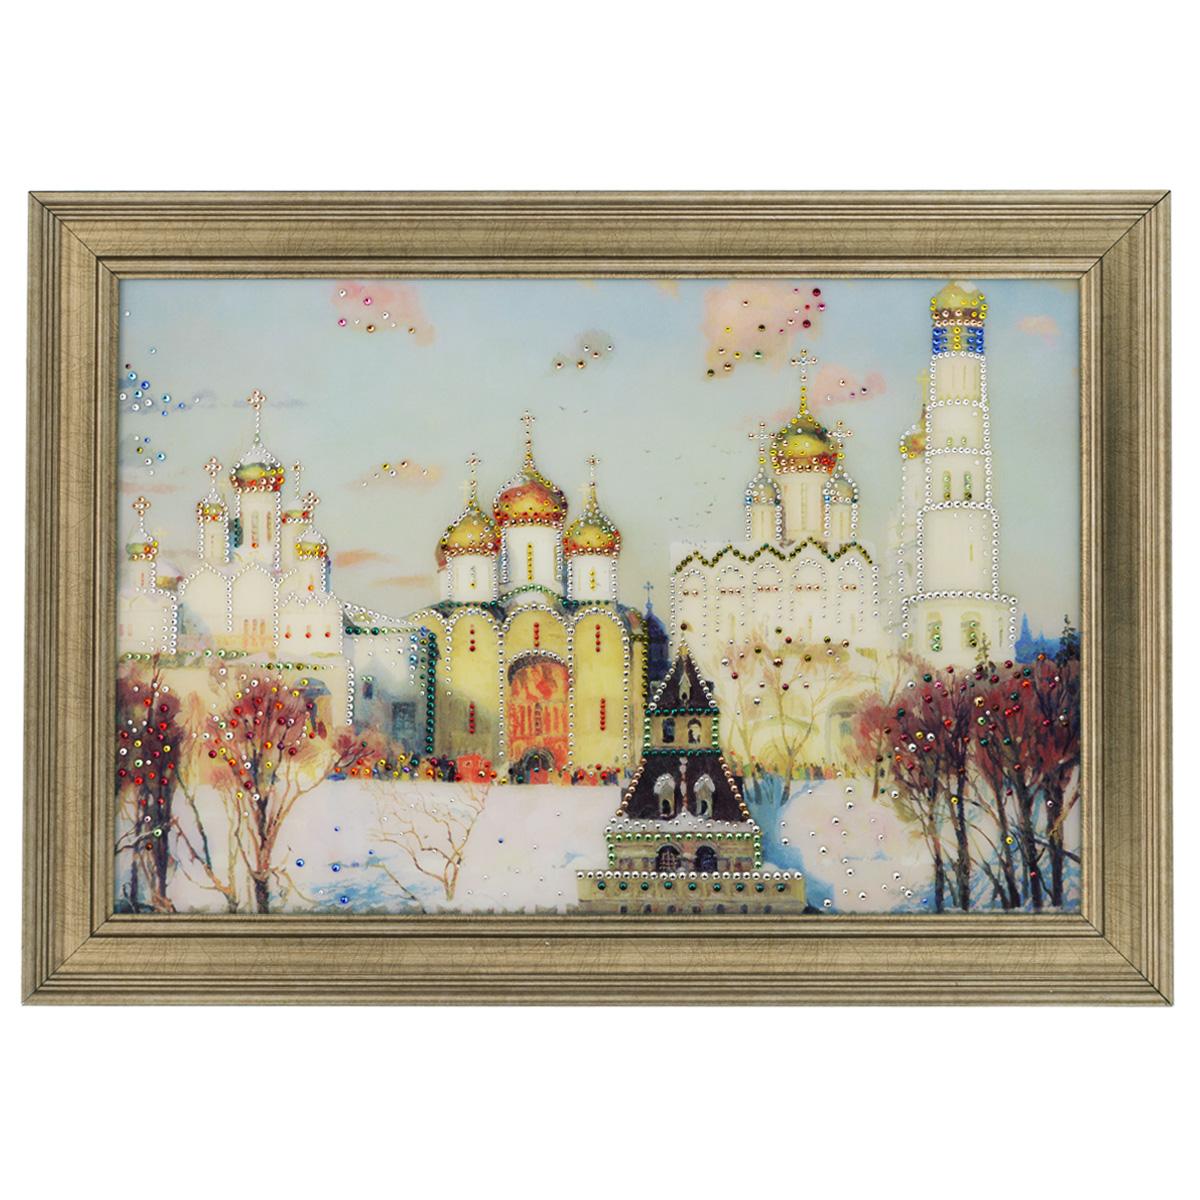 Картина с кристаллами Swarovski Золотые купола, 70 см х 50 смPM-4002Изящная картина в багетной раме, инкрустирована кристаллами Swarovski, которые отличаются четкой и ровной огранкой, ярким блеском и чистотой цвета. Красочное изображение церквей, расположенное под стеклом, прекрасно дополняет блеск кристаллов. С обратной стороны имеется металлическая проволока для размещения картины на стене. Картина с кристаллами Swarovski Золотые купола элегантно украсит интерьер дома или офиса, а также станет прекрасным подарком, который обязательно понравится получателю. Блеск кристаллов в интерьере, что может быть сказочнее и удивительнее. Картина упакована в подарочную картонную коробку синего цвета и комплектуется сертификатом соответствия Swarovski.